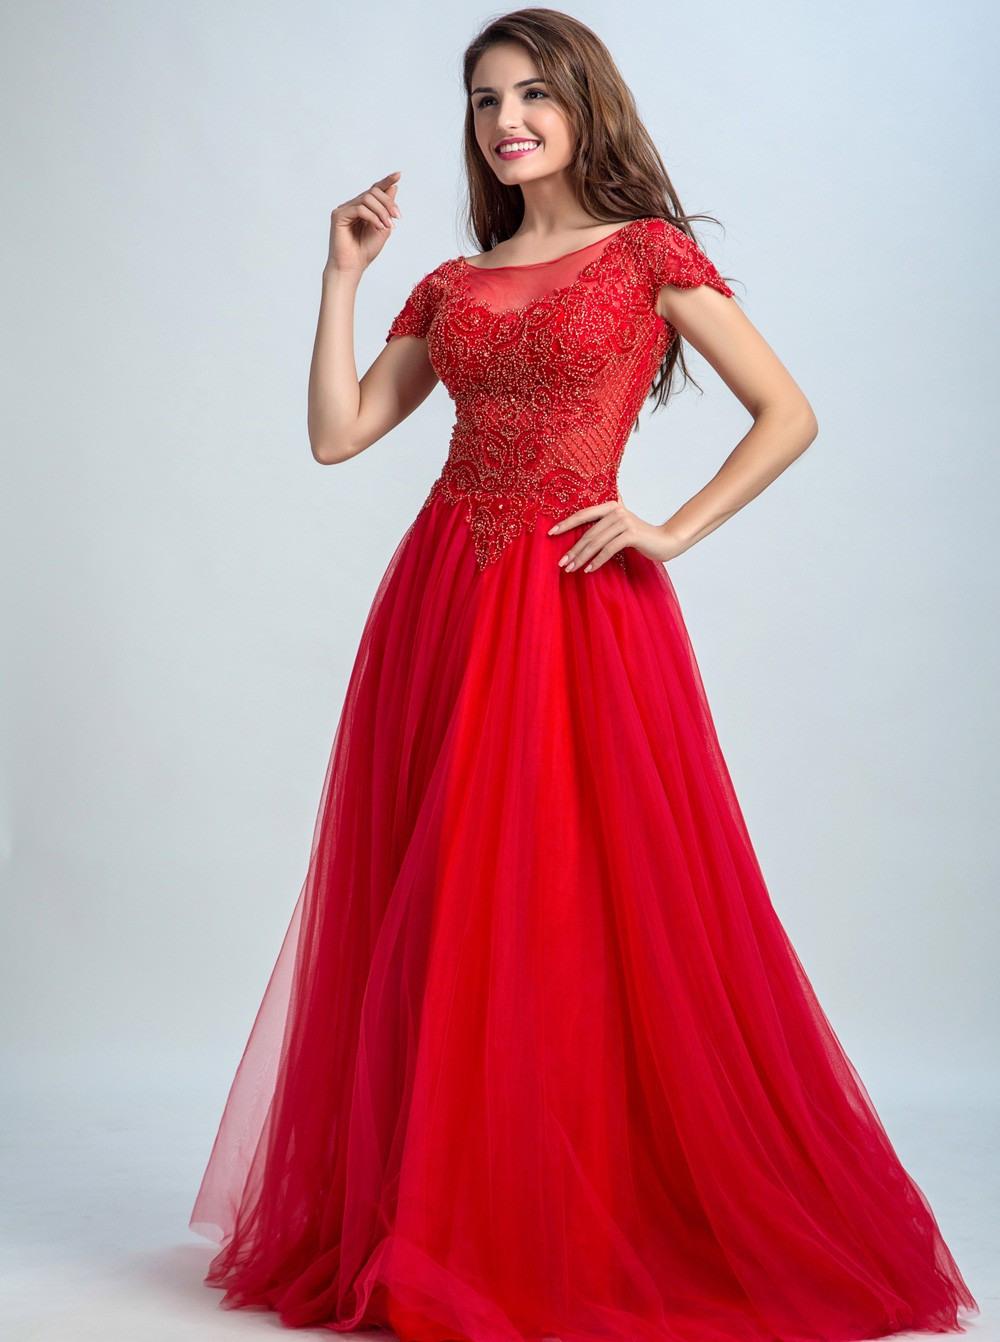 Designer Erstaunlich Abendkleider Rot VertriebDesigner Schön Abendkleider Rot Boutique